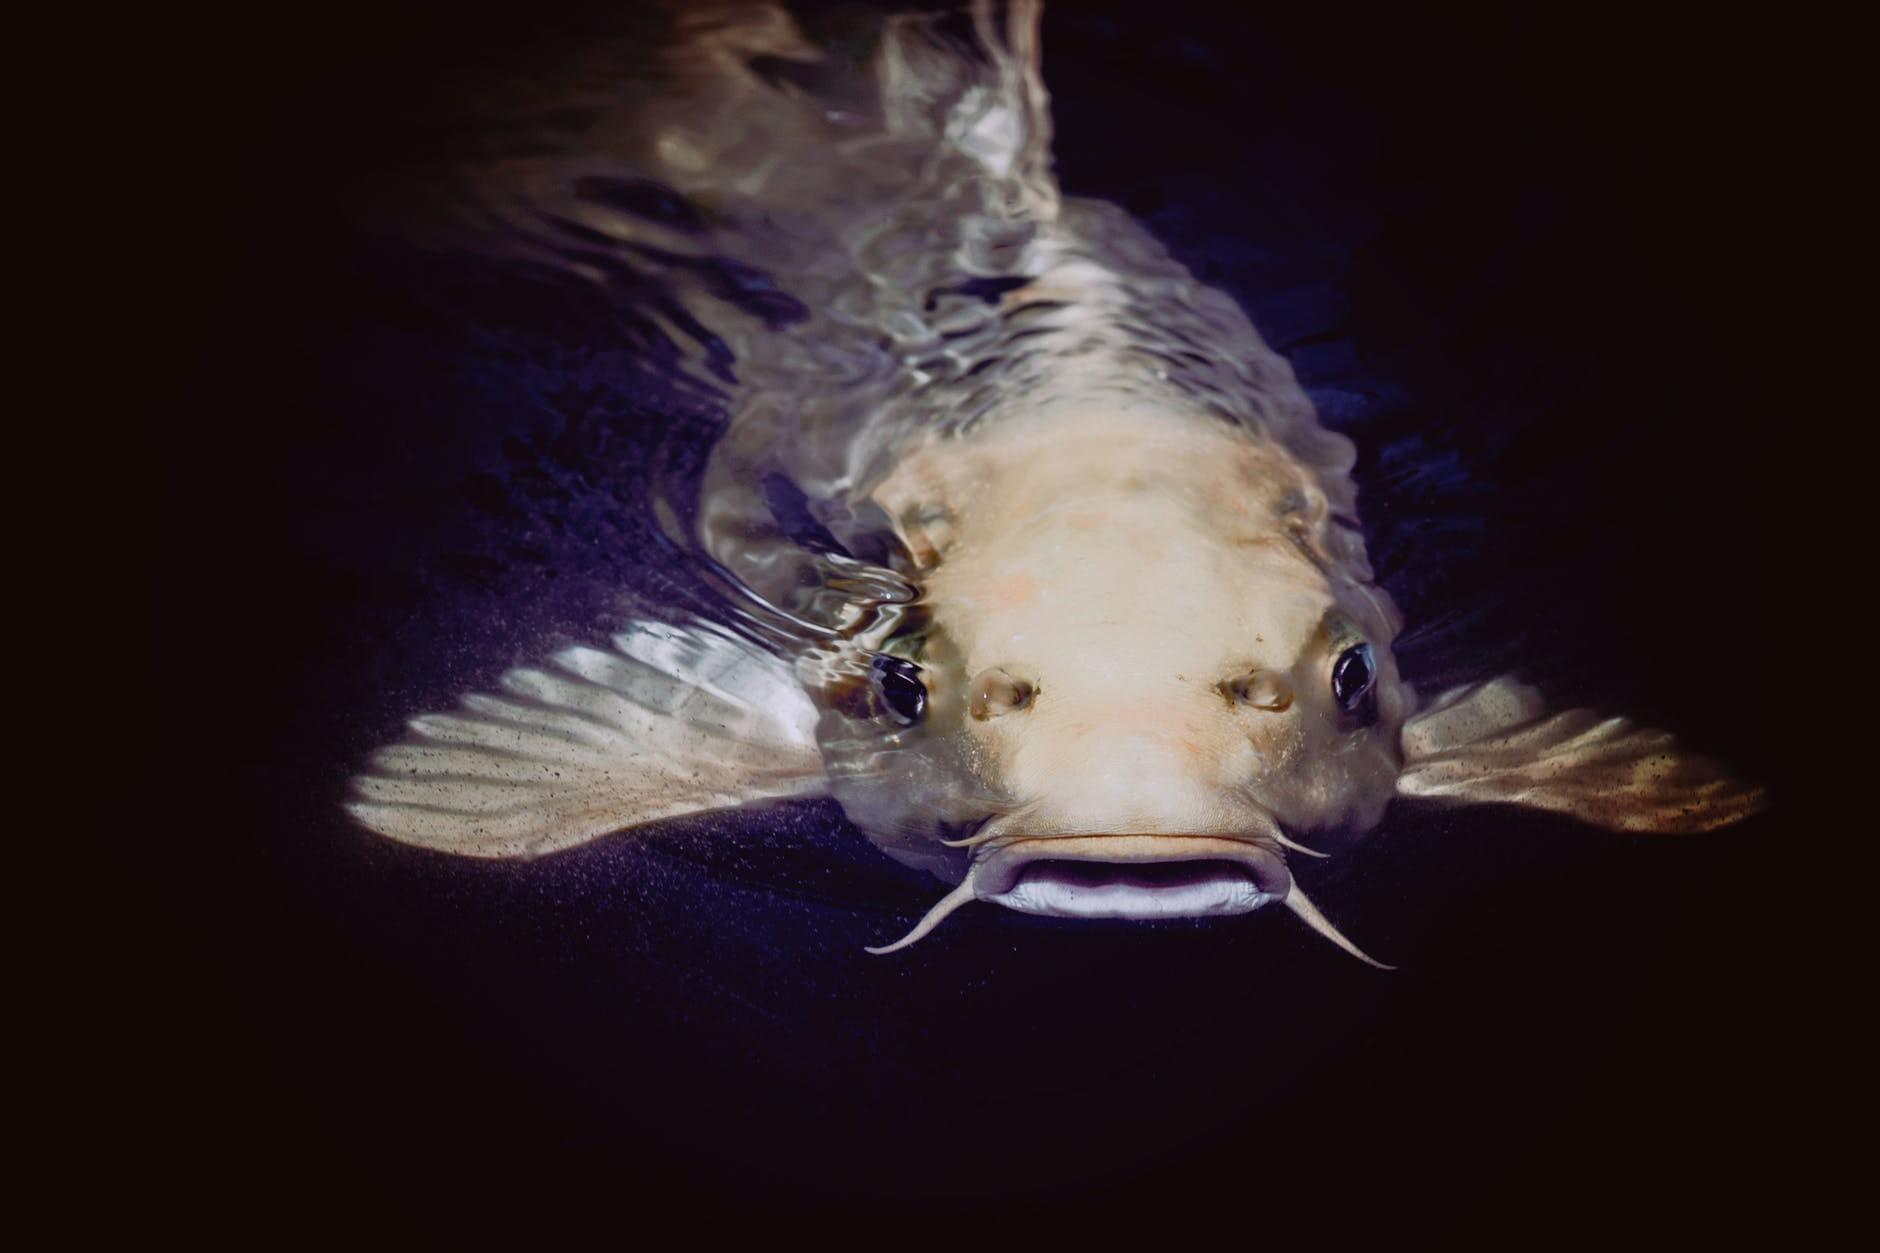 سمك السلور: وصف و معلومات مثيرة للاهتمام